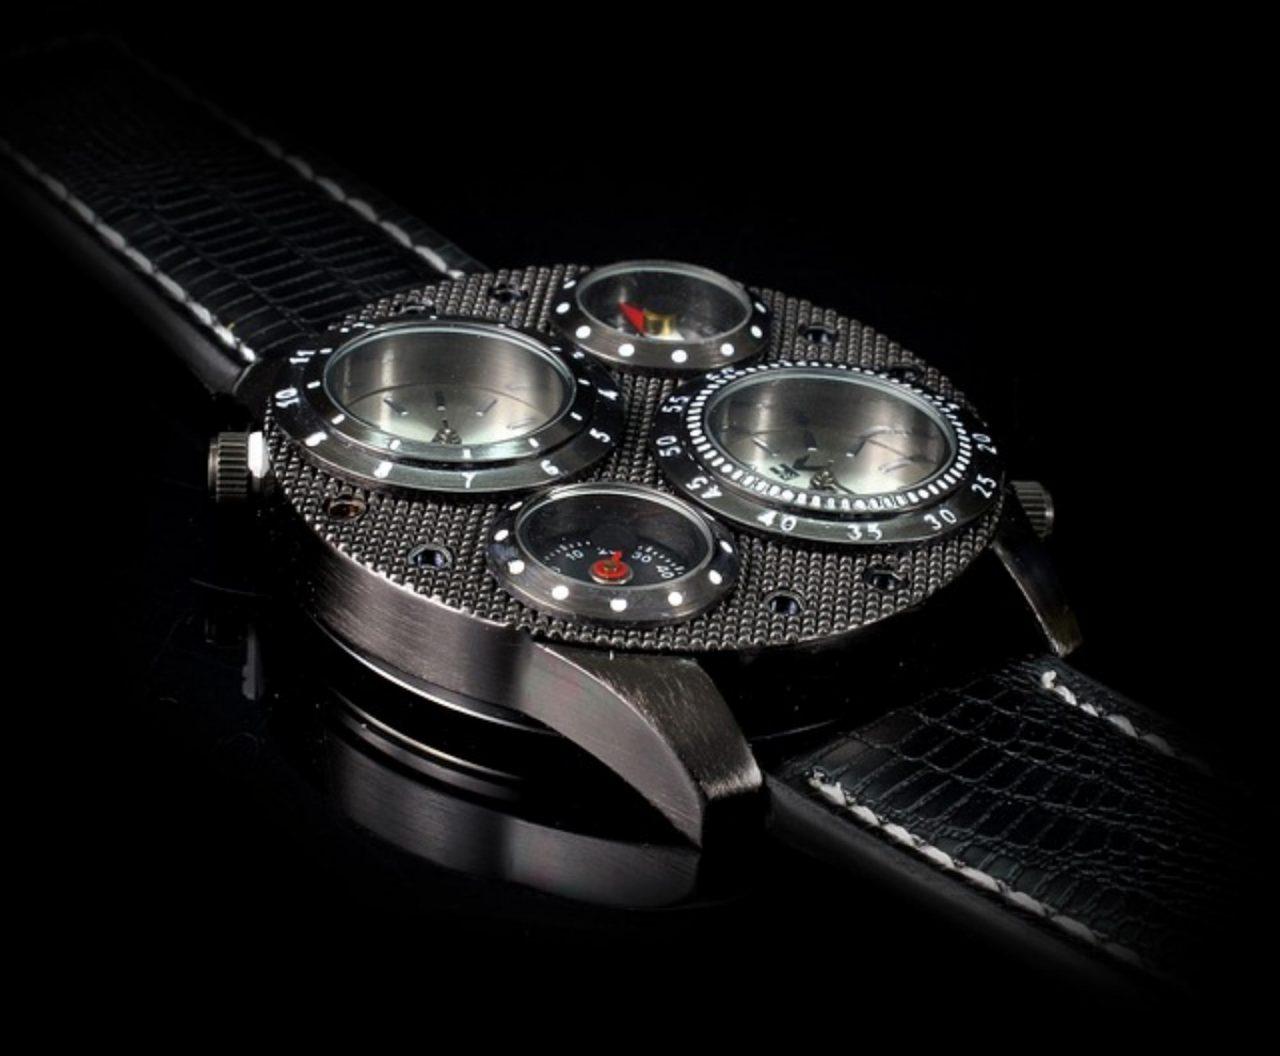 Damskie i męskie zegarki Lacoste – nowoczesność w eleganckiej formie